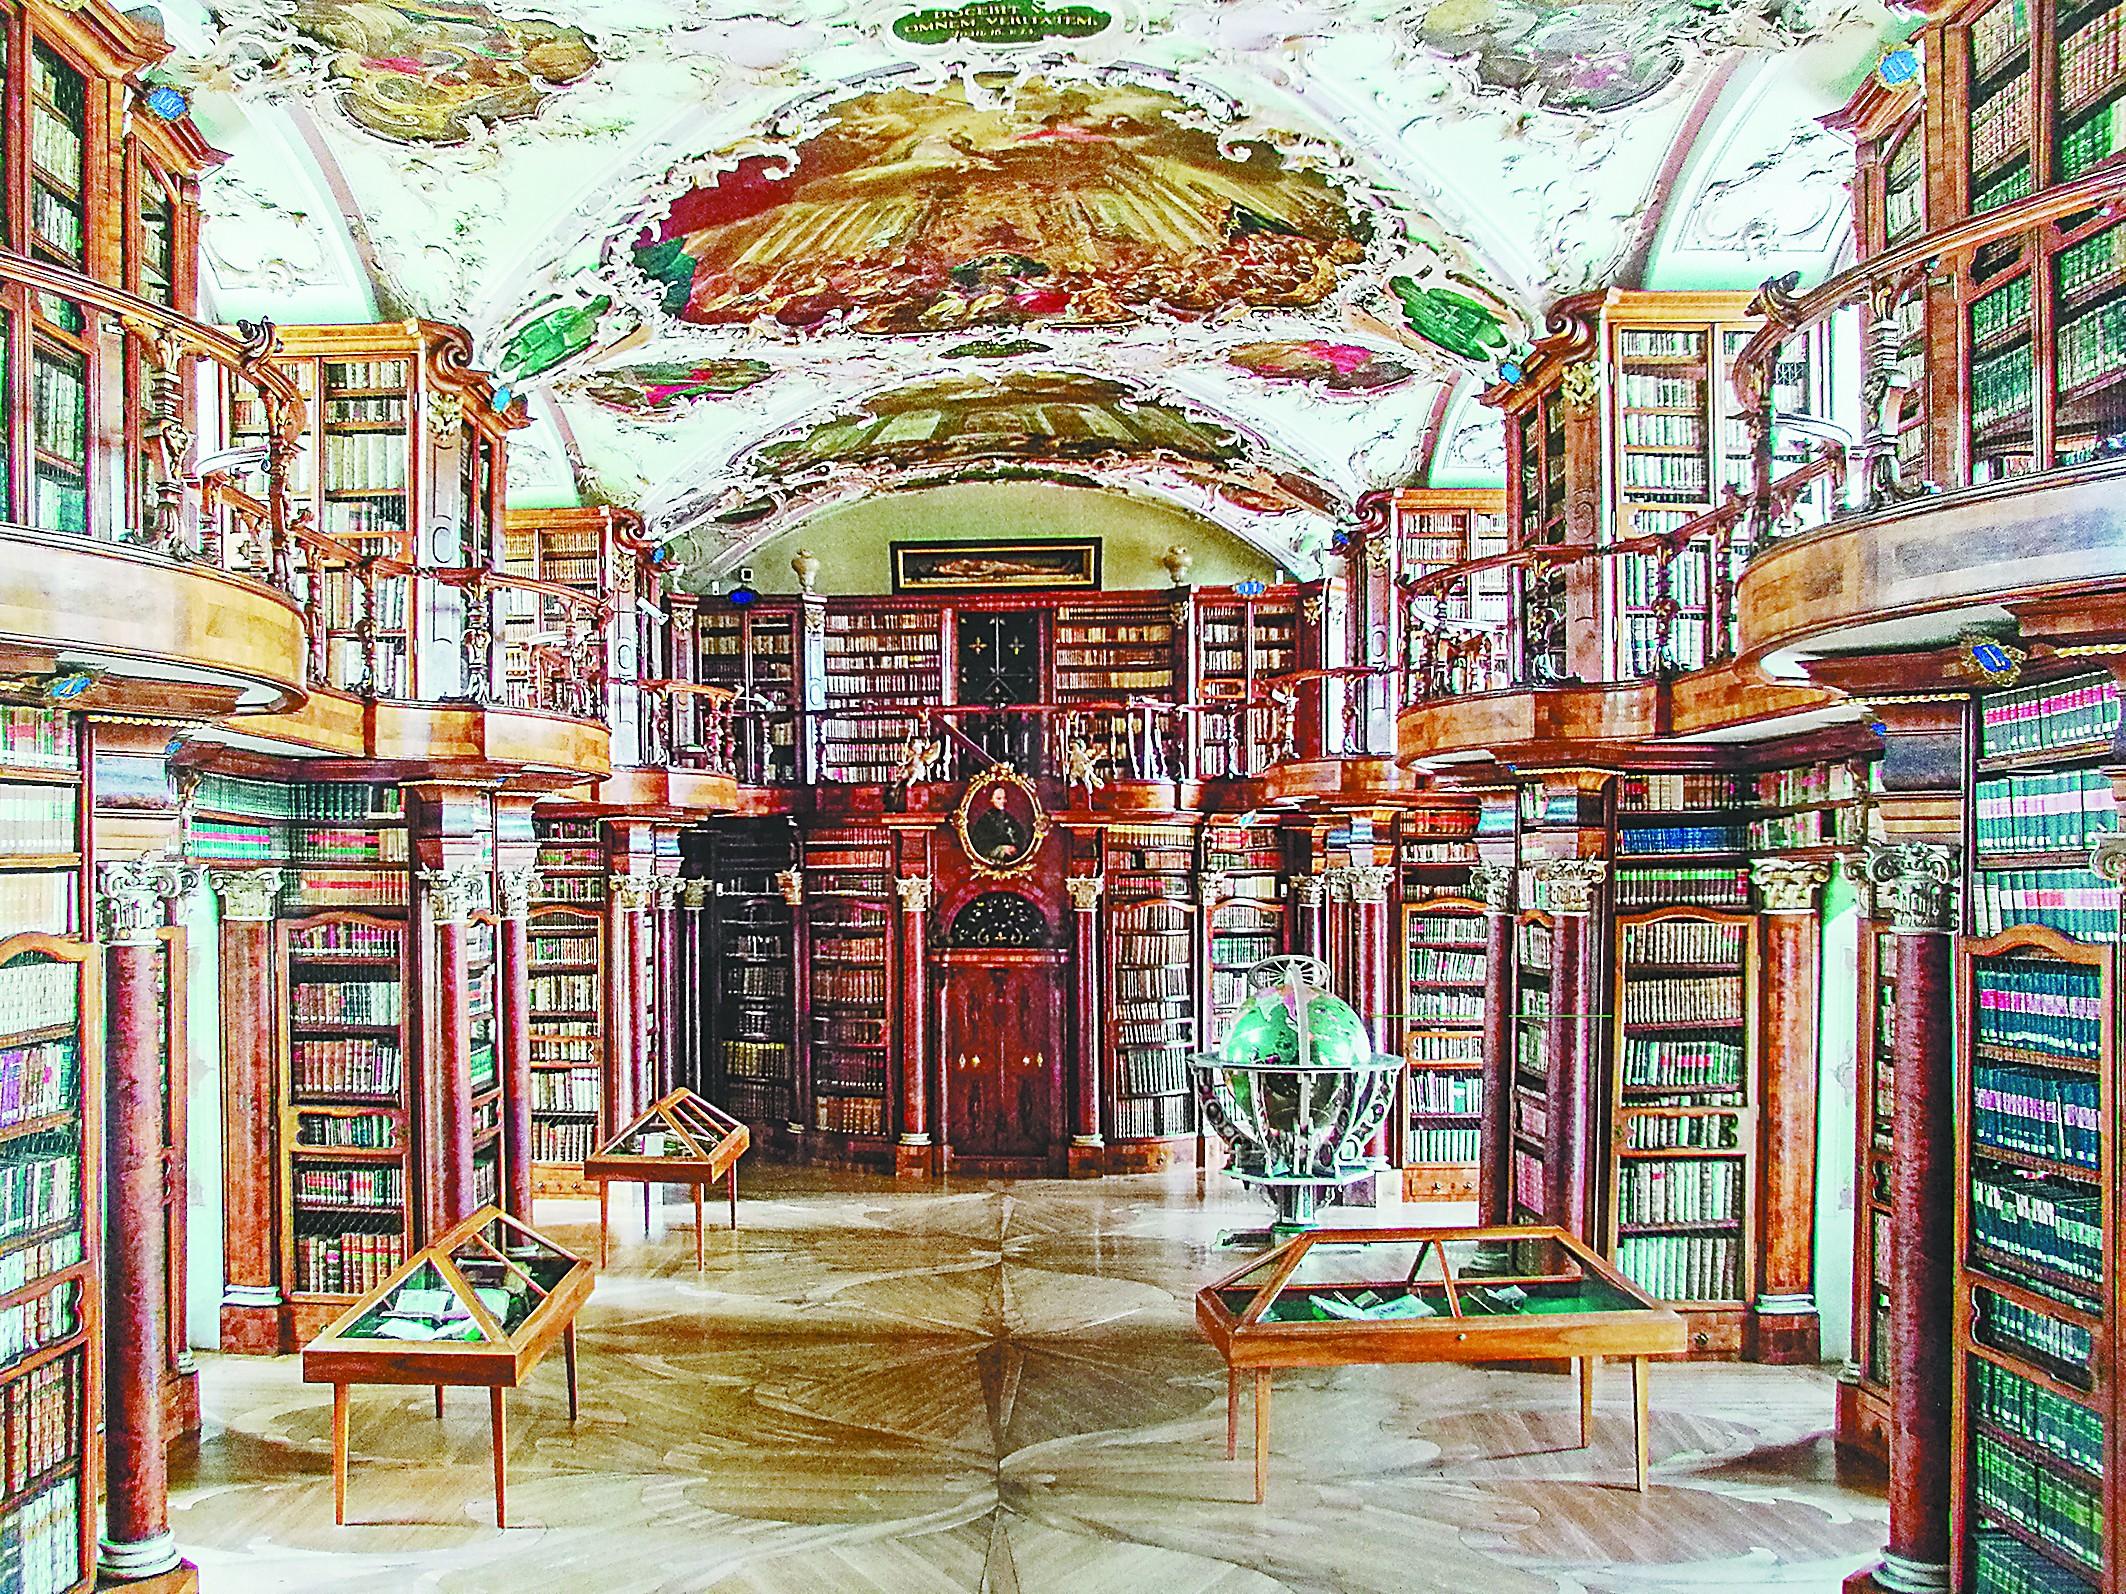 天堂应是图书馆的样子 在最美图书馆看最古老图书